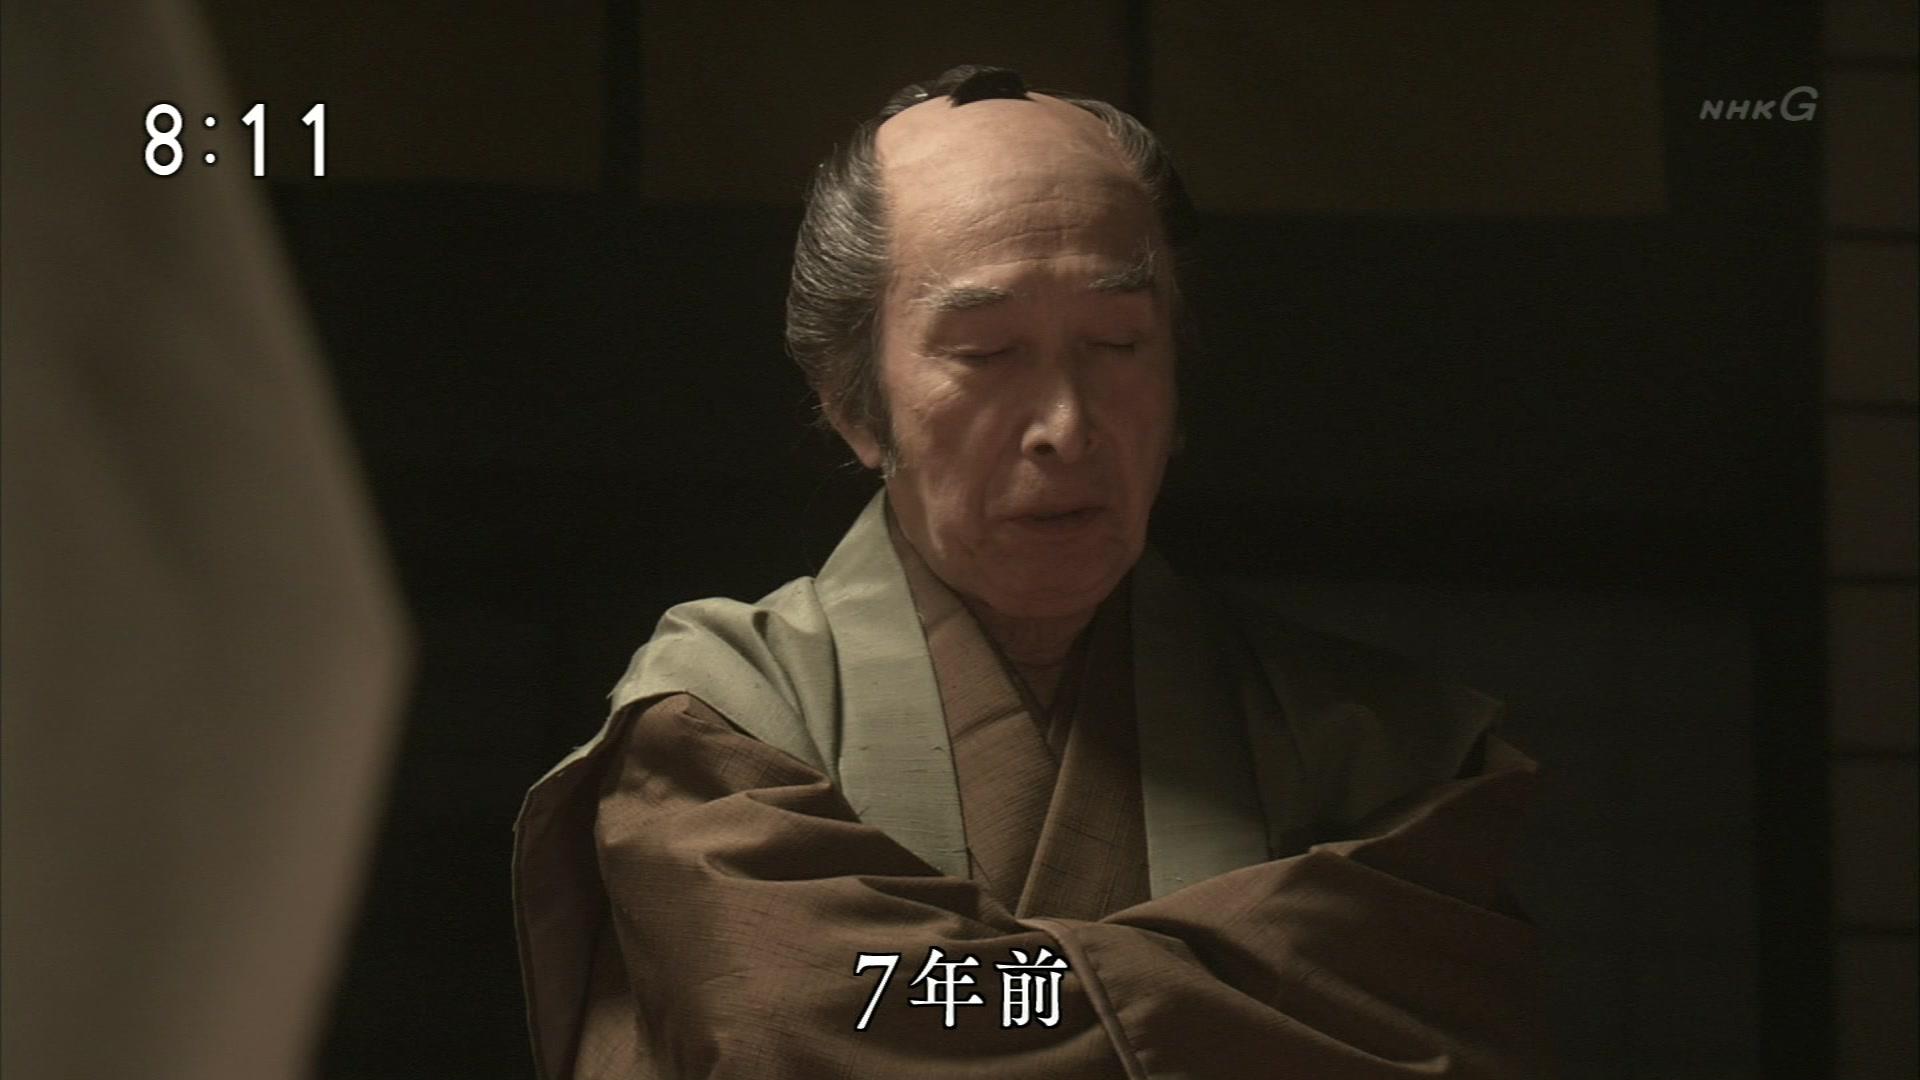 2015-09-29 08:00 連続テレビ小説 あさが来た(2)「小さな許嫁(いいなずけ)」 2164